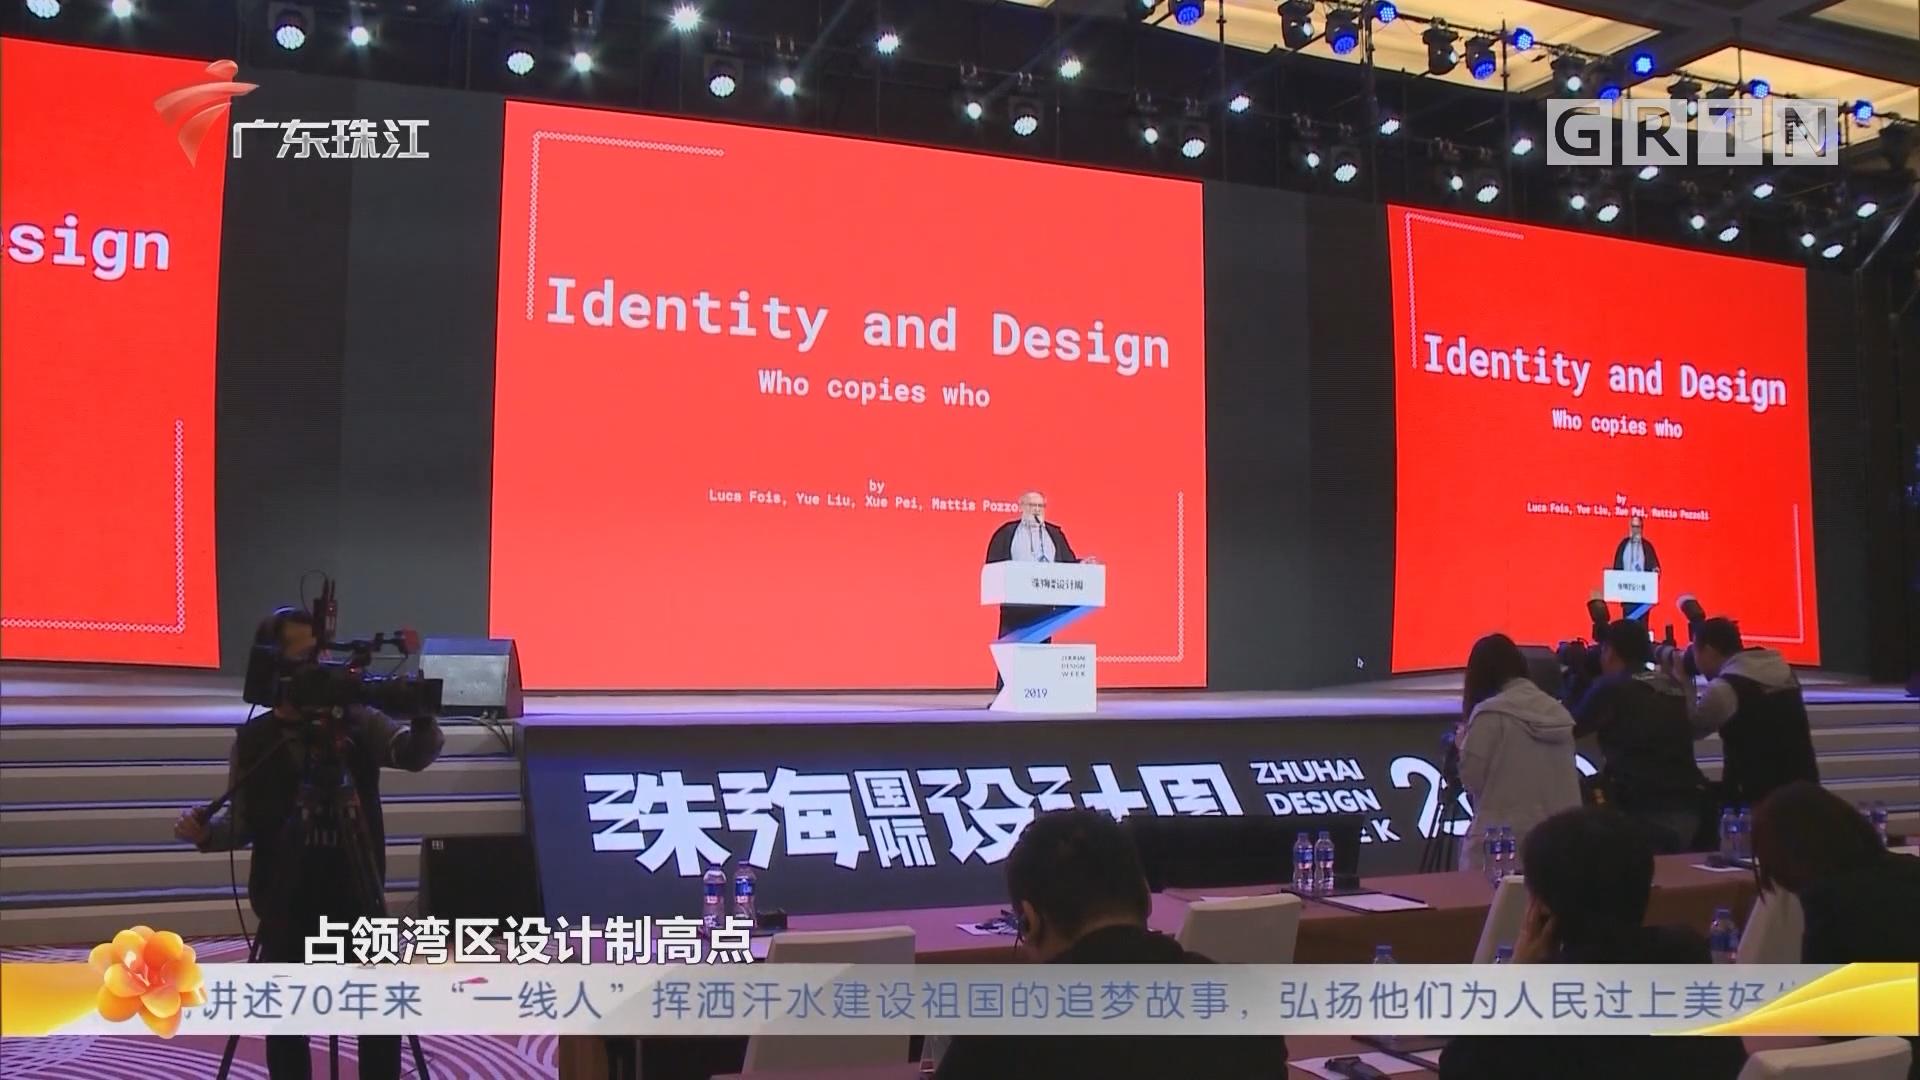 珠海:设计盛会成果落地 设计动能实现转化